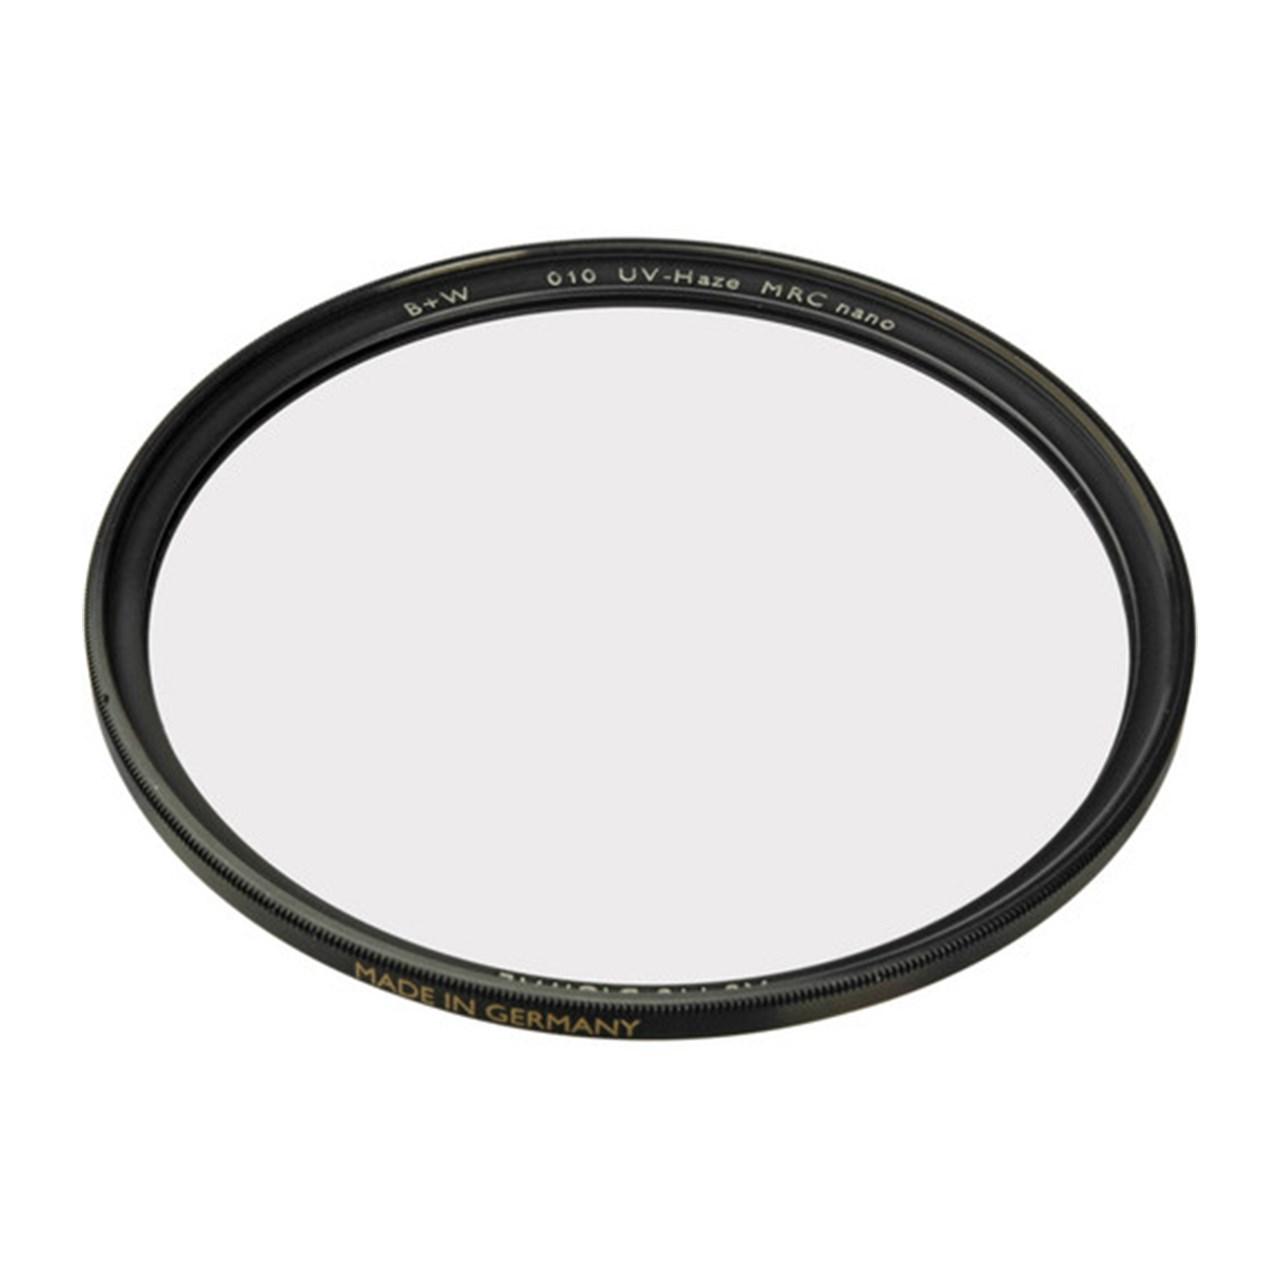 فیلتر لنز بی پلاس دبلیو مدل XS-Pro UV Haze MRC-Nano SC 010  82mm